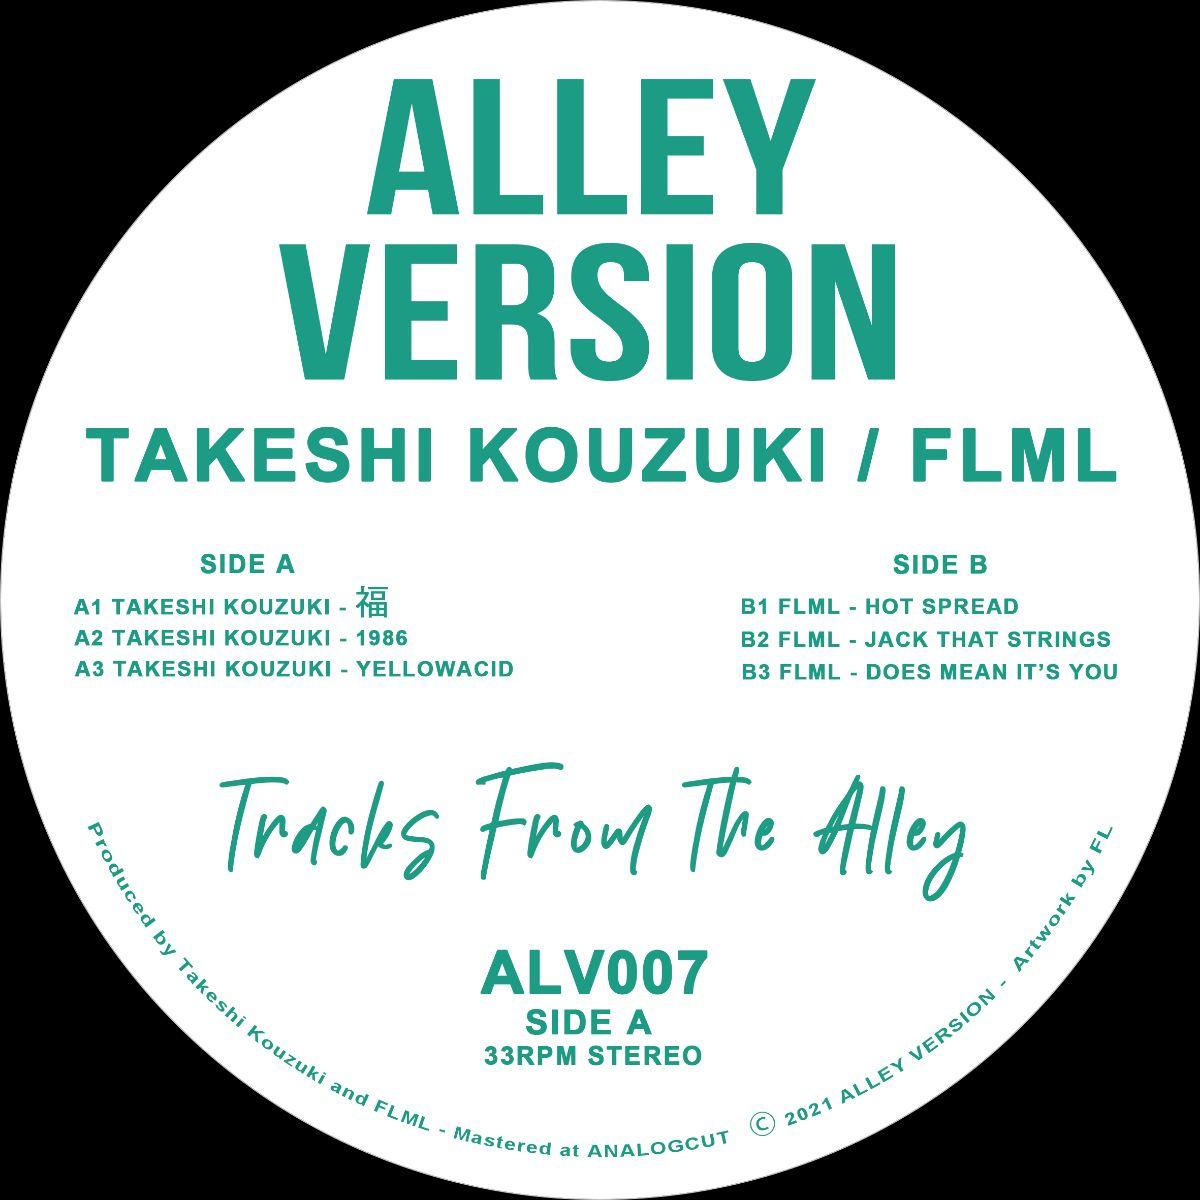 Takeshi Kouzuki / FLML - Tracks From The Alley